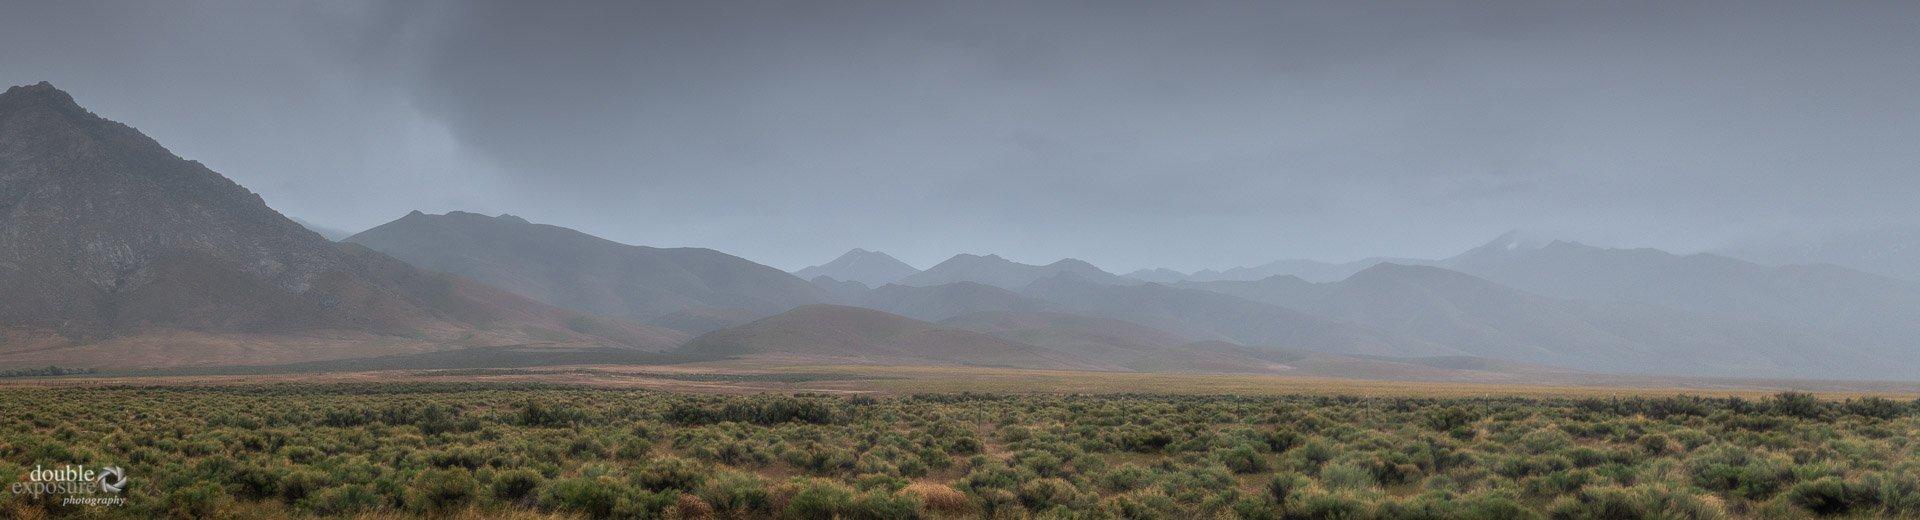 rain on the desert.